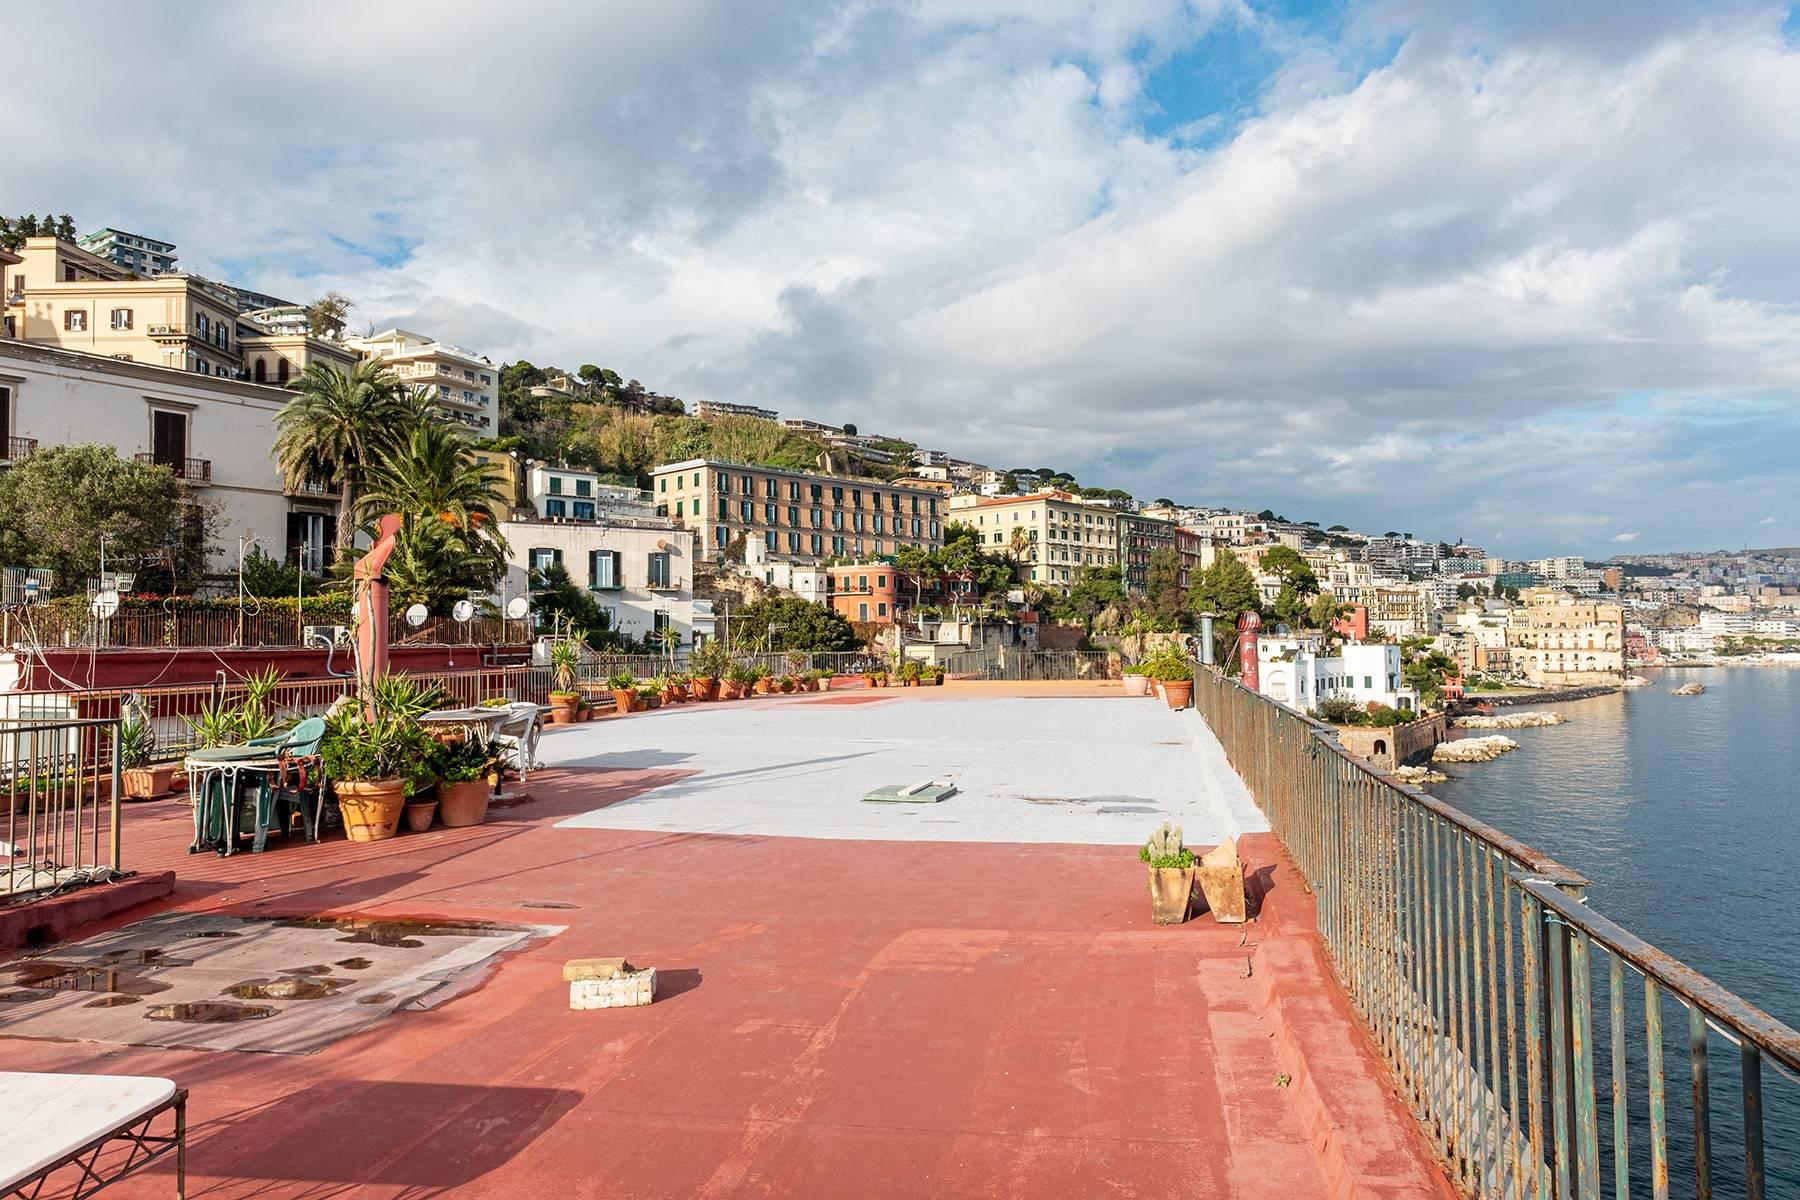 Attico in Vendita a Napoli: 5 locali, 650 mq - Foto 28